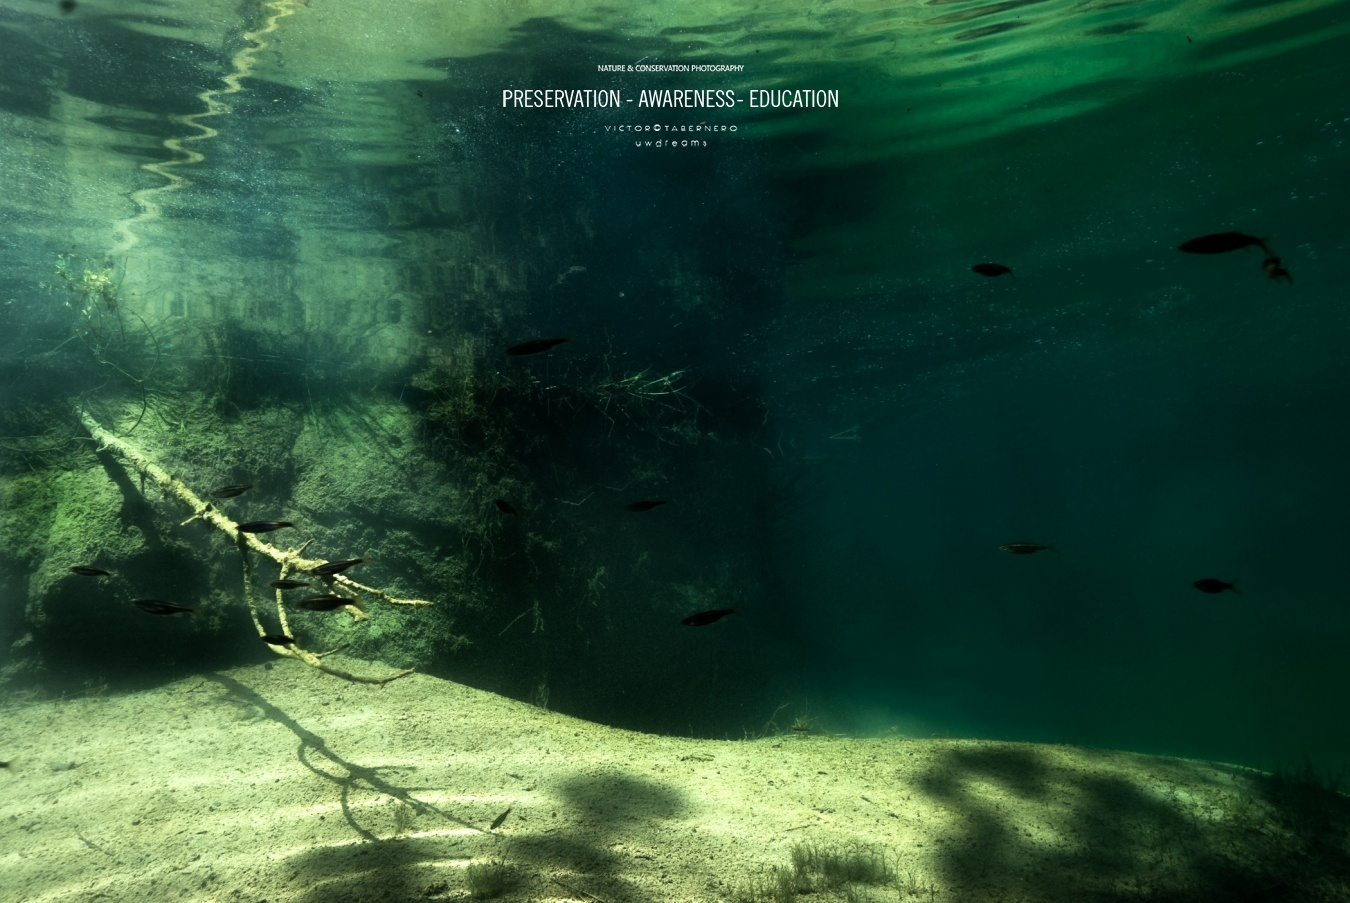 Viviendo en el rio - Wildlife Conservation Photography, UWDREAMS.COM